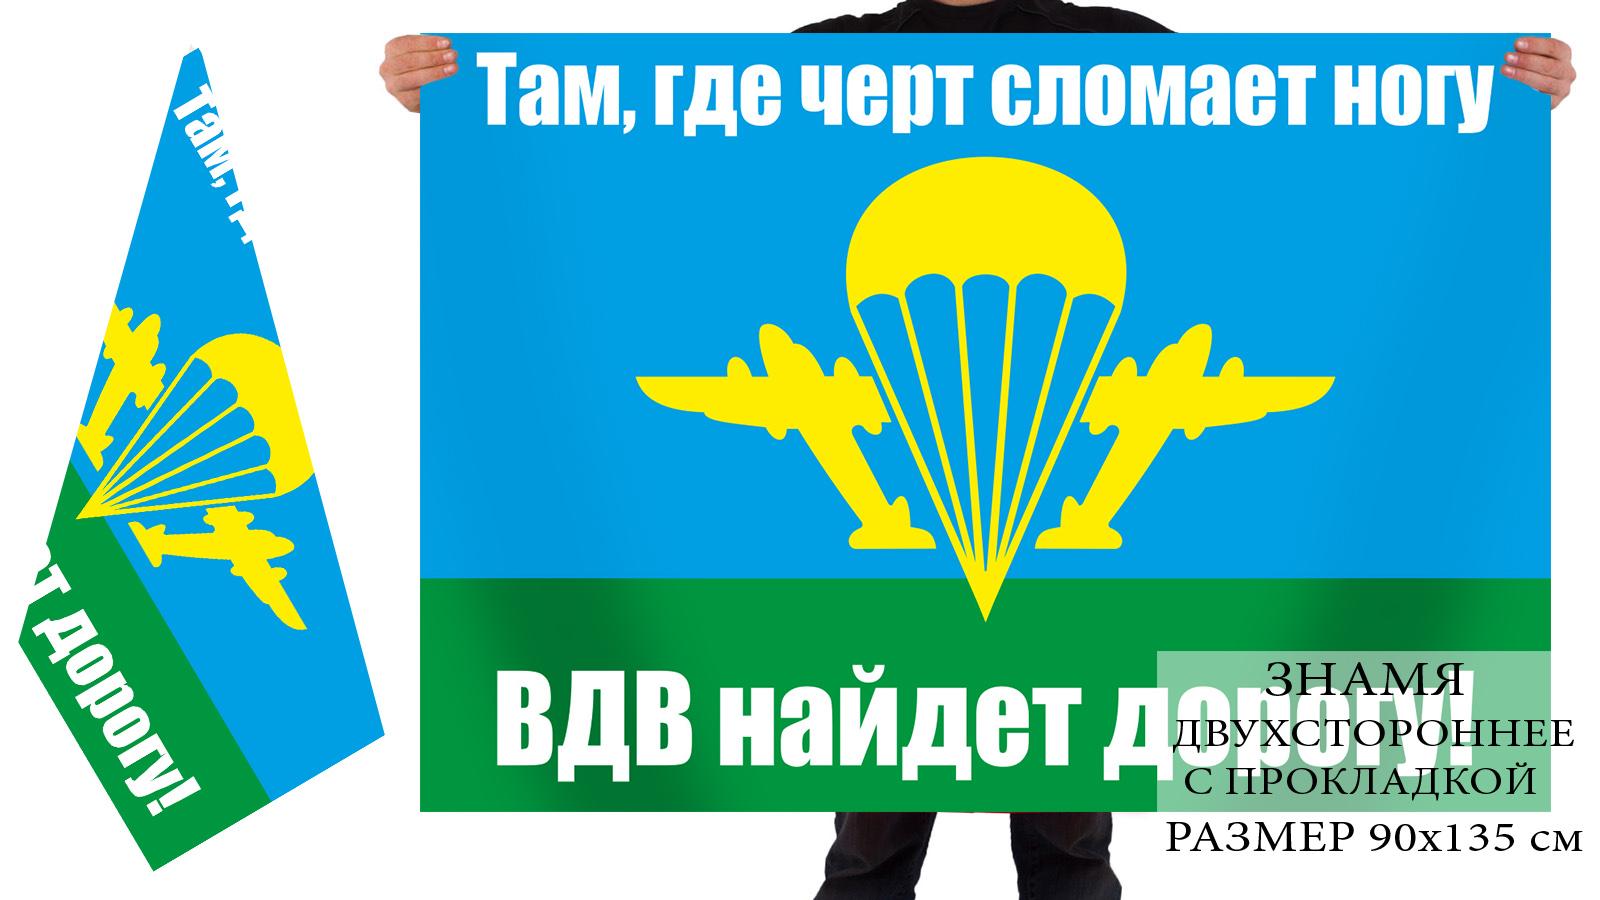 Купить недорого в Москве флаг ВДВ